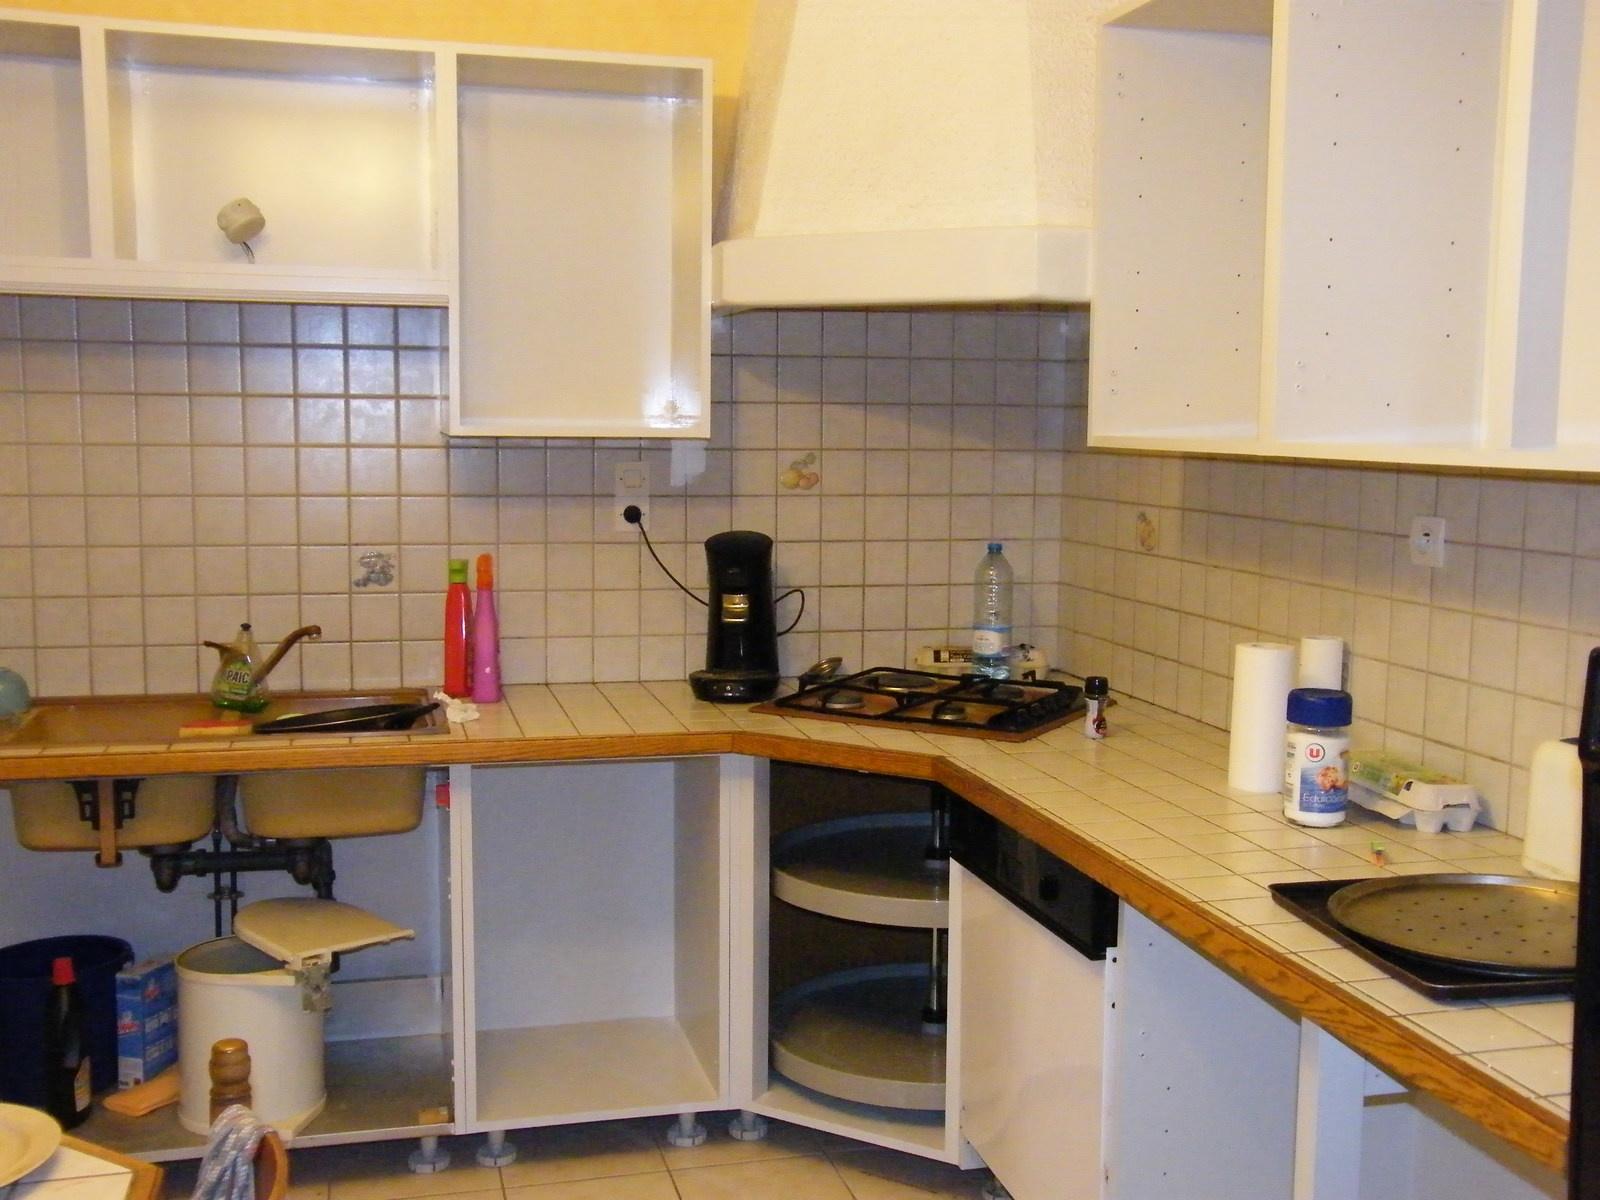 Peinture pour meuble de cuisine ancienne id es de travaux - Peinture a l ancienne pour meuble ...